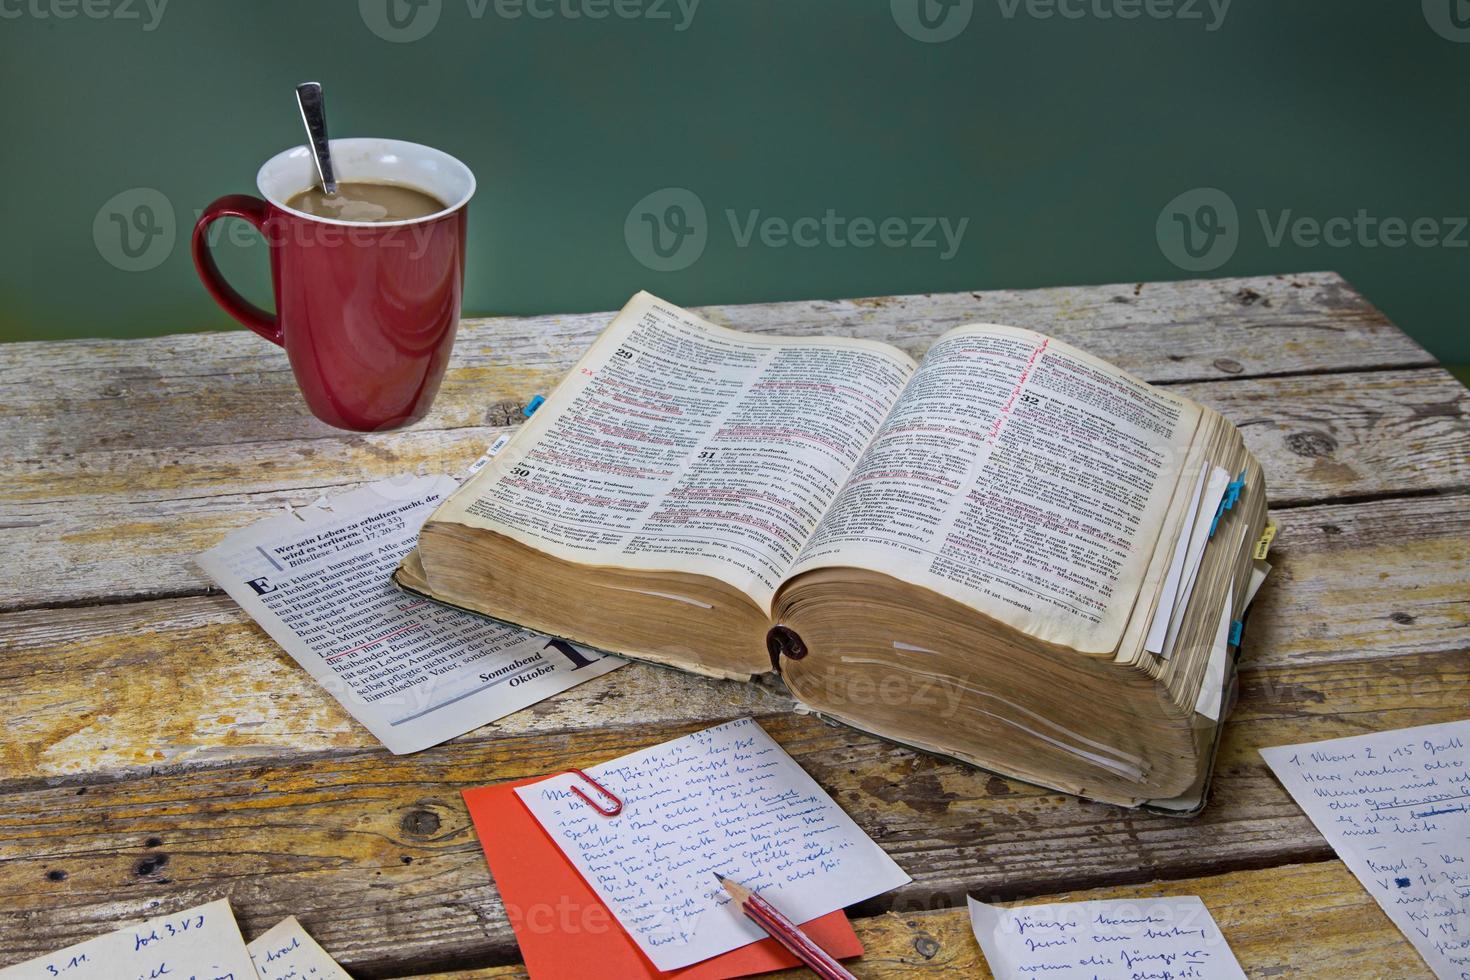 dagelijkse bijbelstudie foto